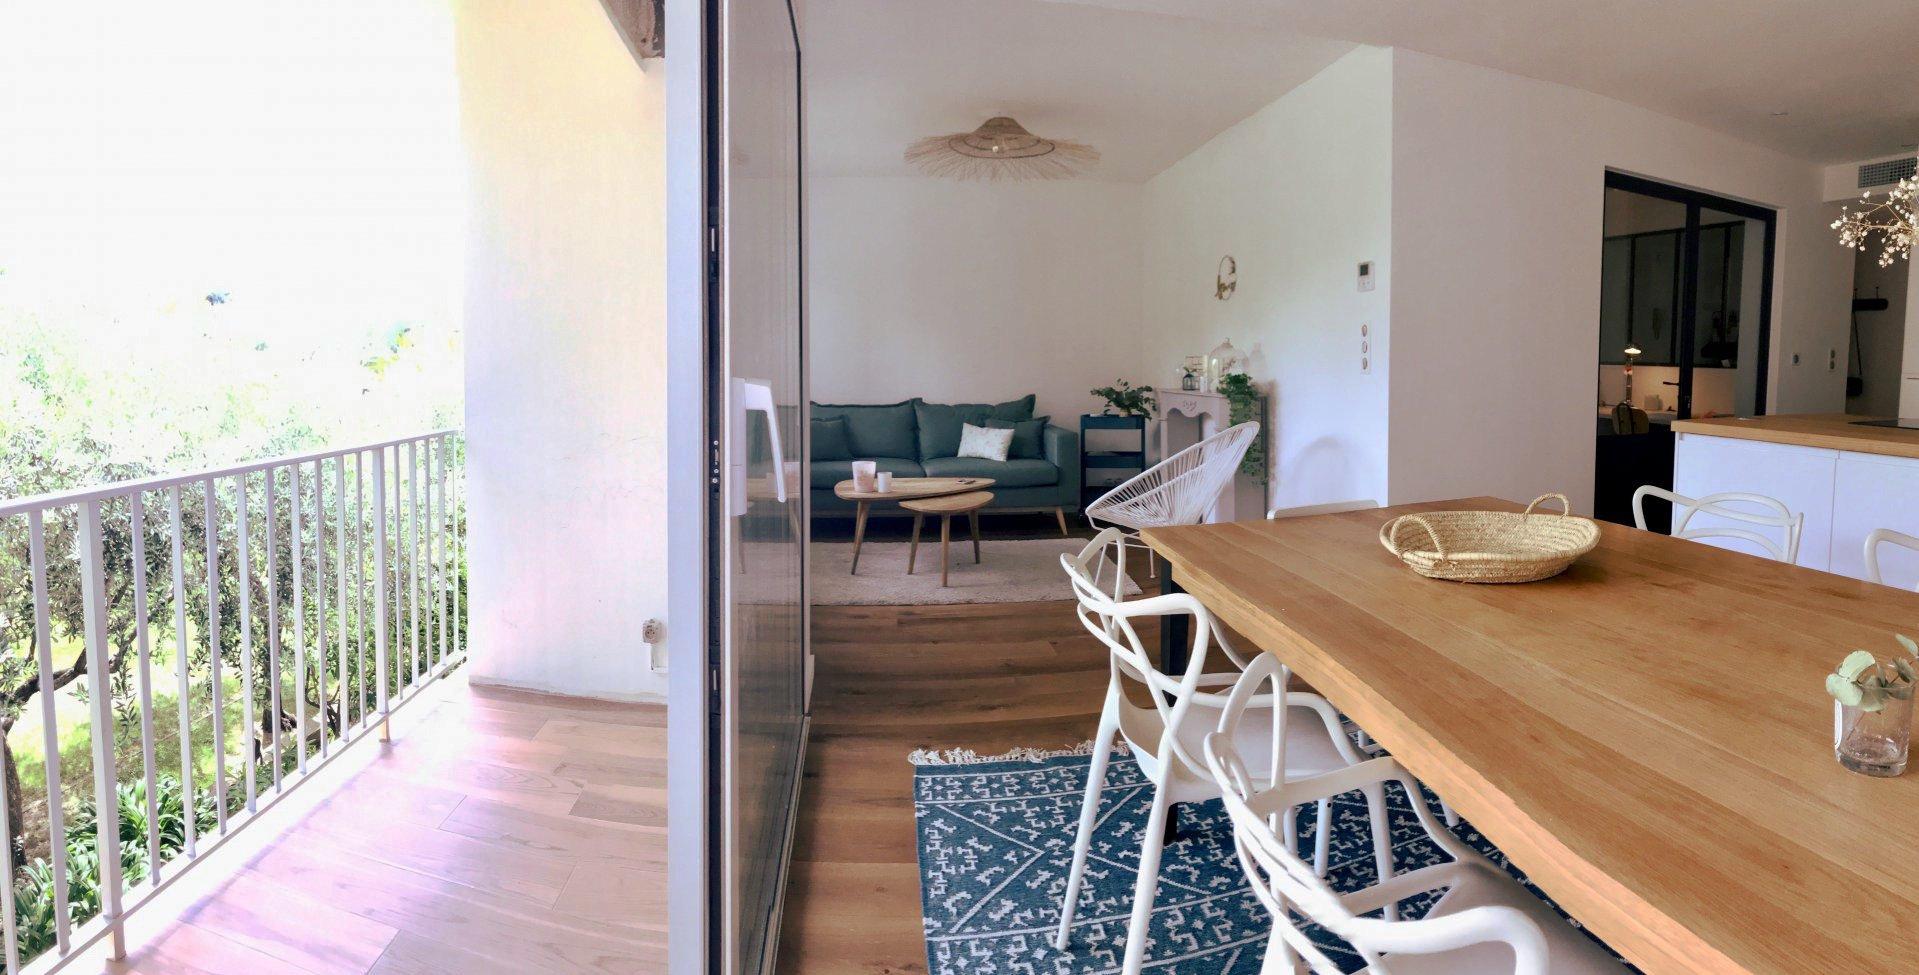 CANNES MONTFLEURY 4 pieces de 88 m2 neuf avec balcon à 600 M de la rue d'Antibes